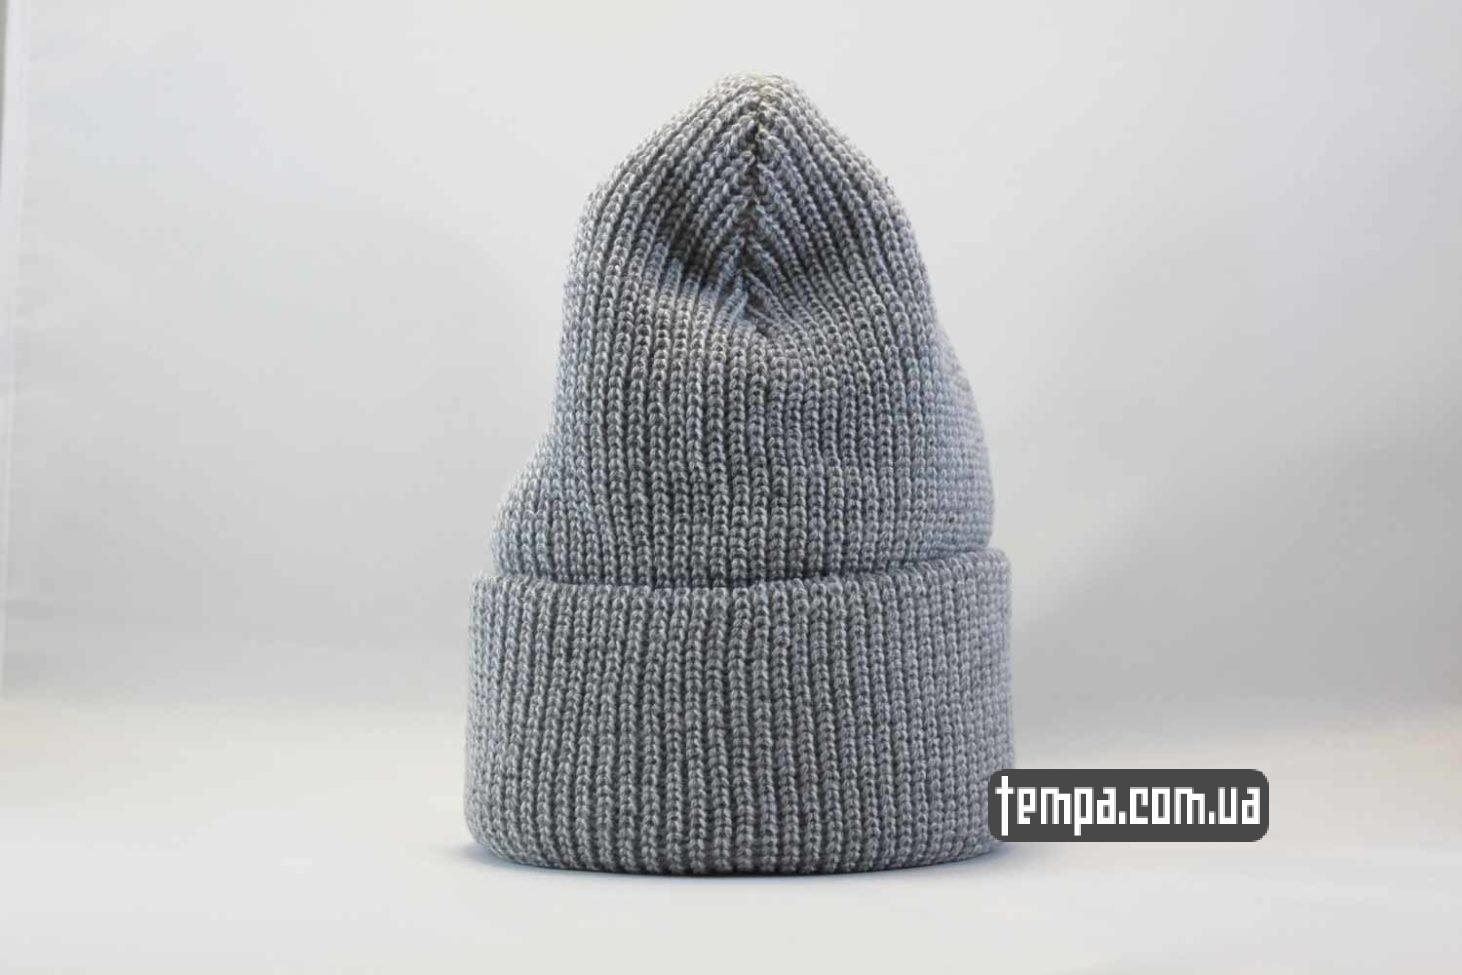 купить молодежную одежду Украина купить шапку бини Stussy нью йорк лос анджелес токио оригинал